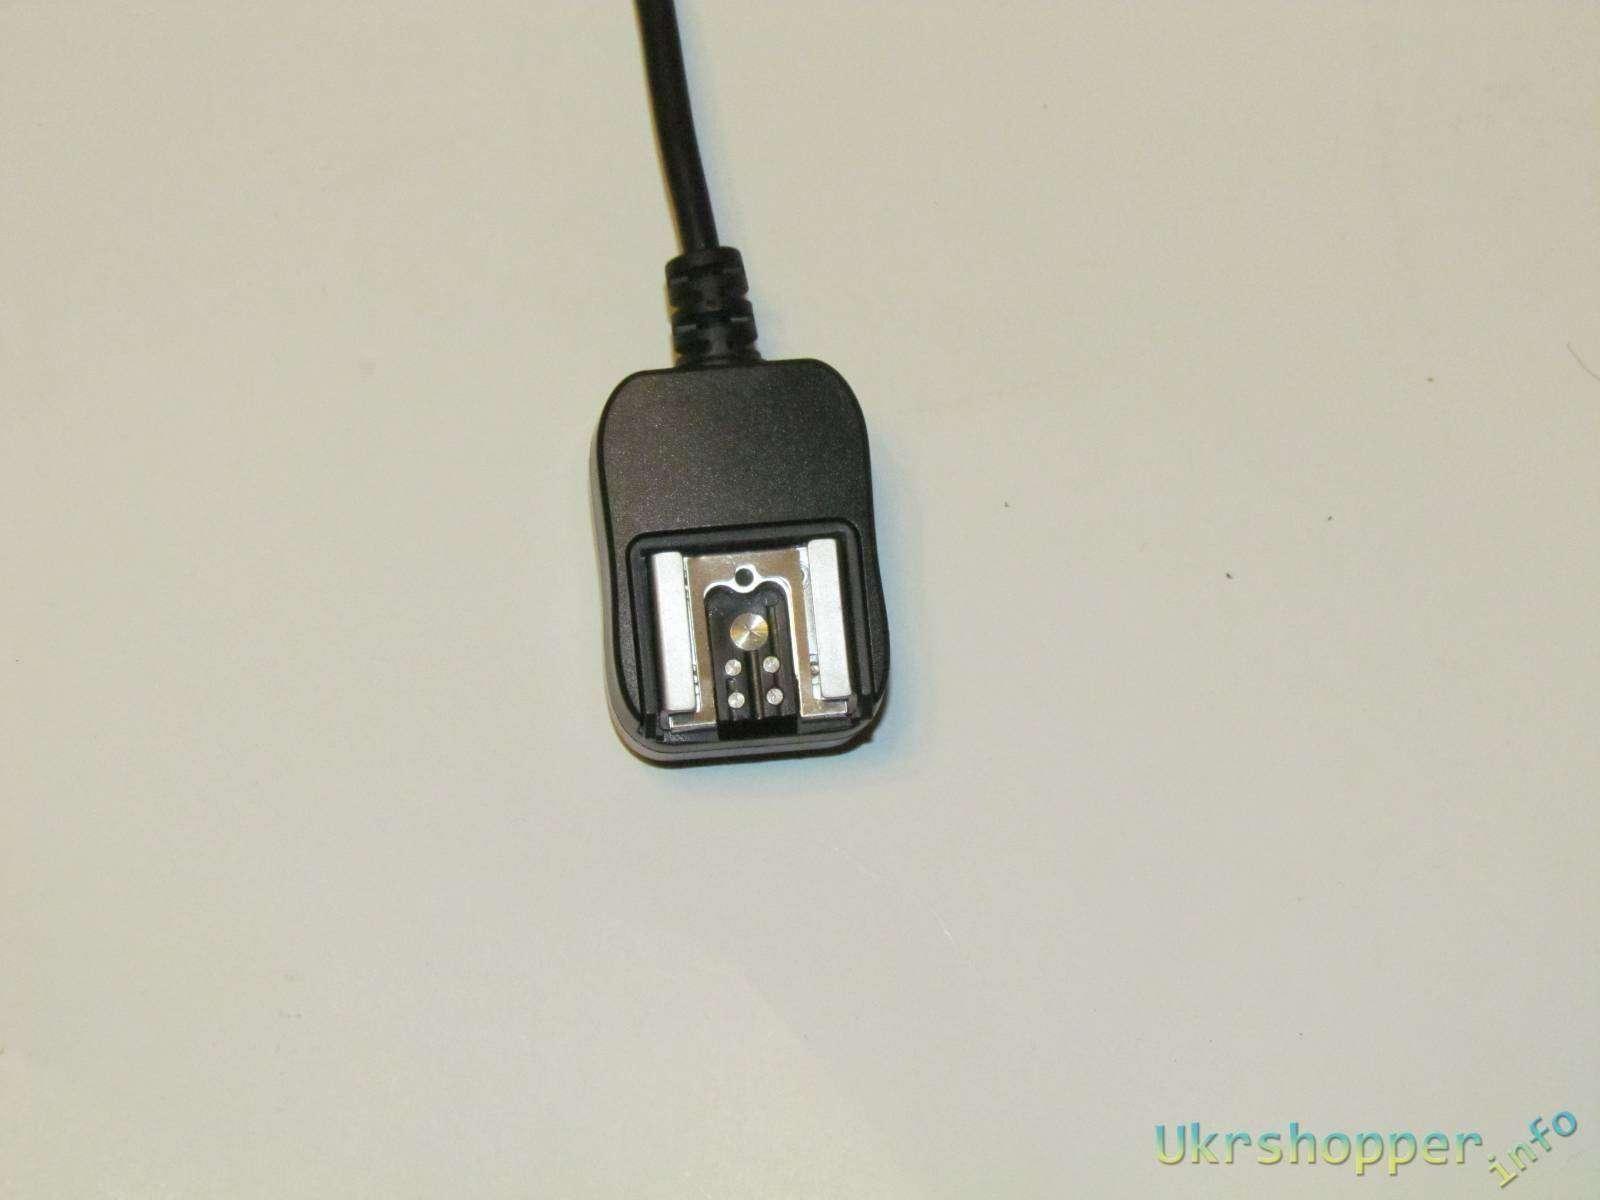 Banggood: 3 х метровый E-TTL кабель для подключения фотовспышки для систем Canon